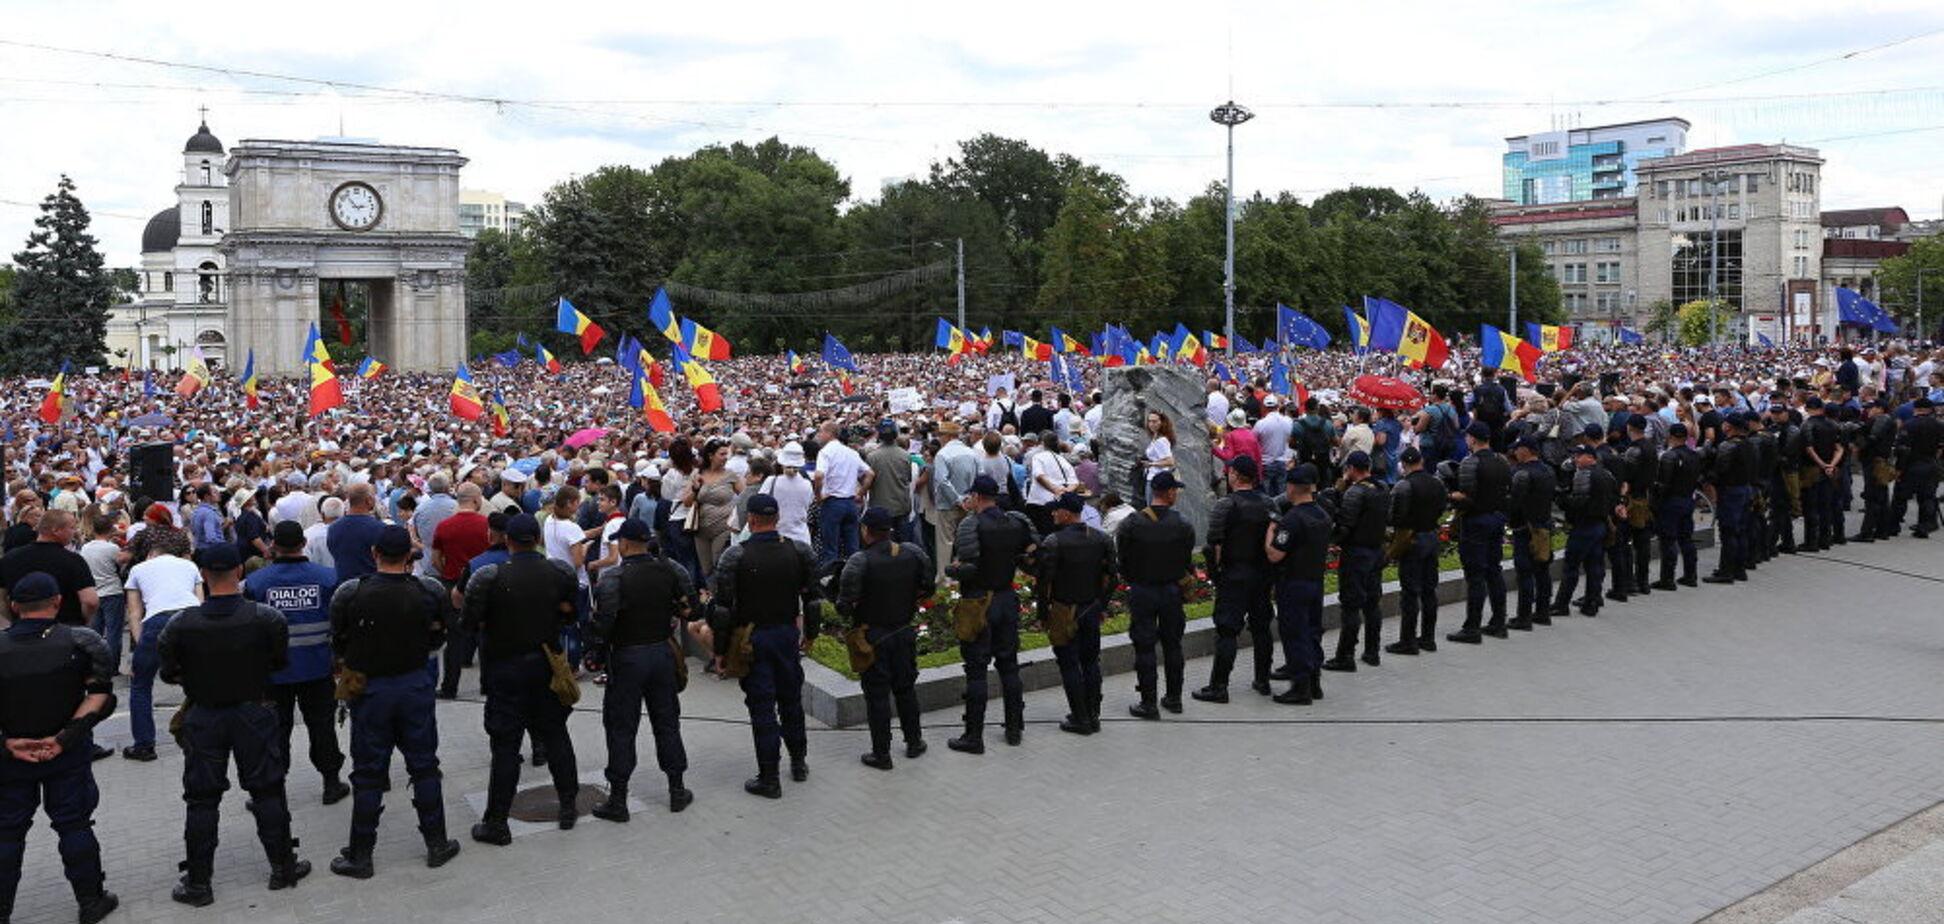 Новый 'Майдан' в Молдове: Портников увидел связь с Украиной